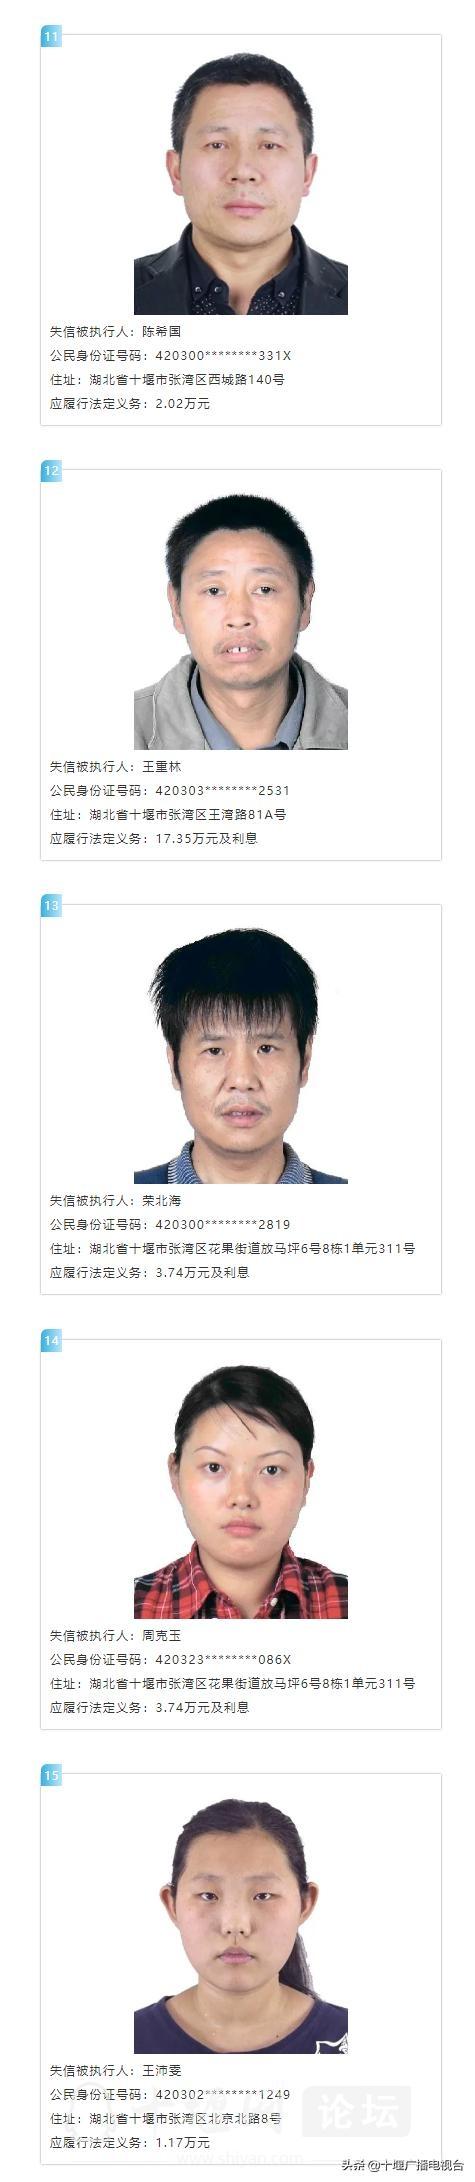 照片、住址全公开!张湾曝光50名失信被执行人-3.jpg